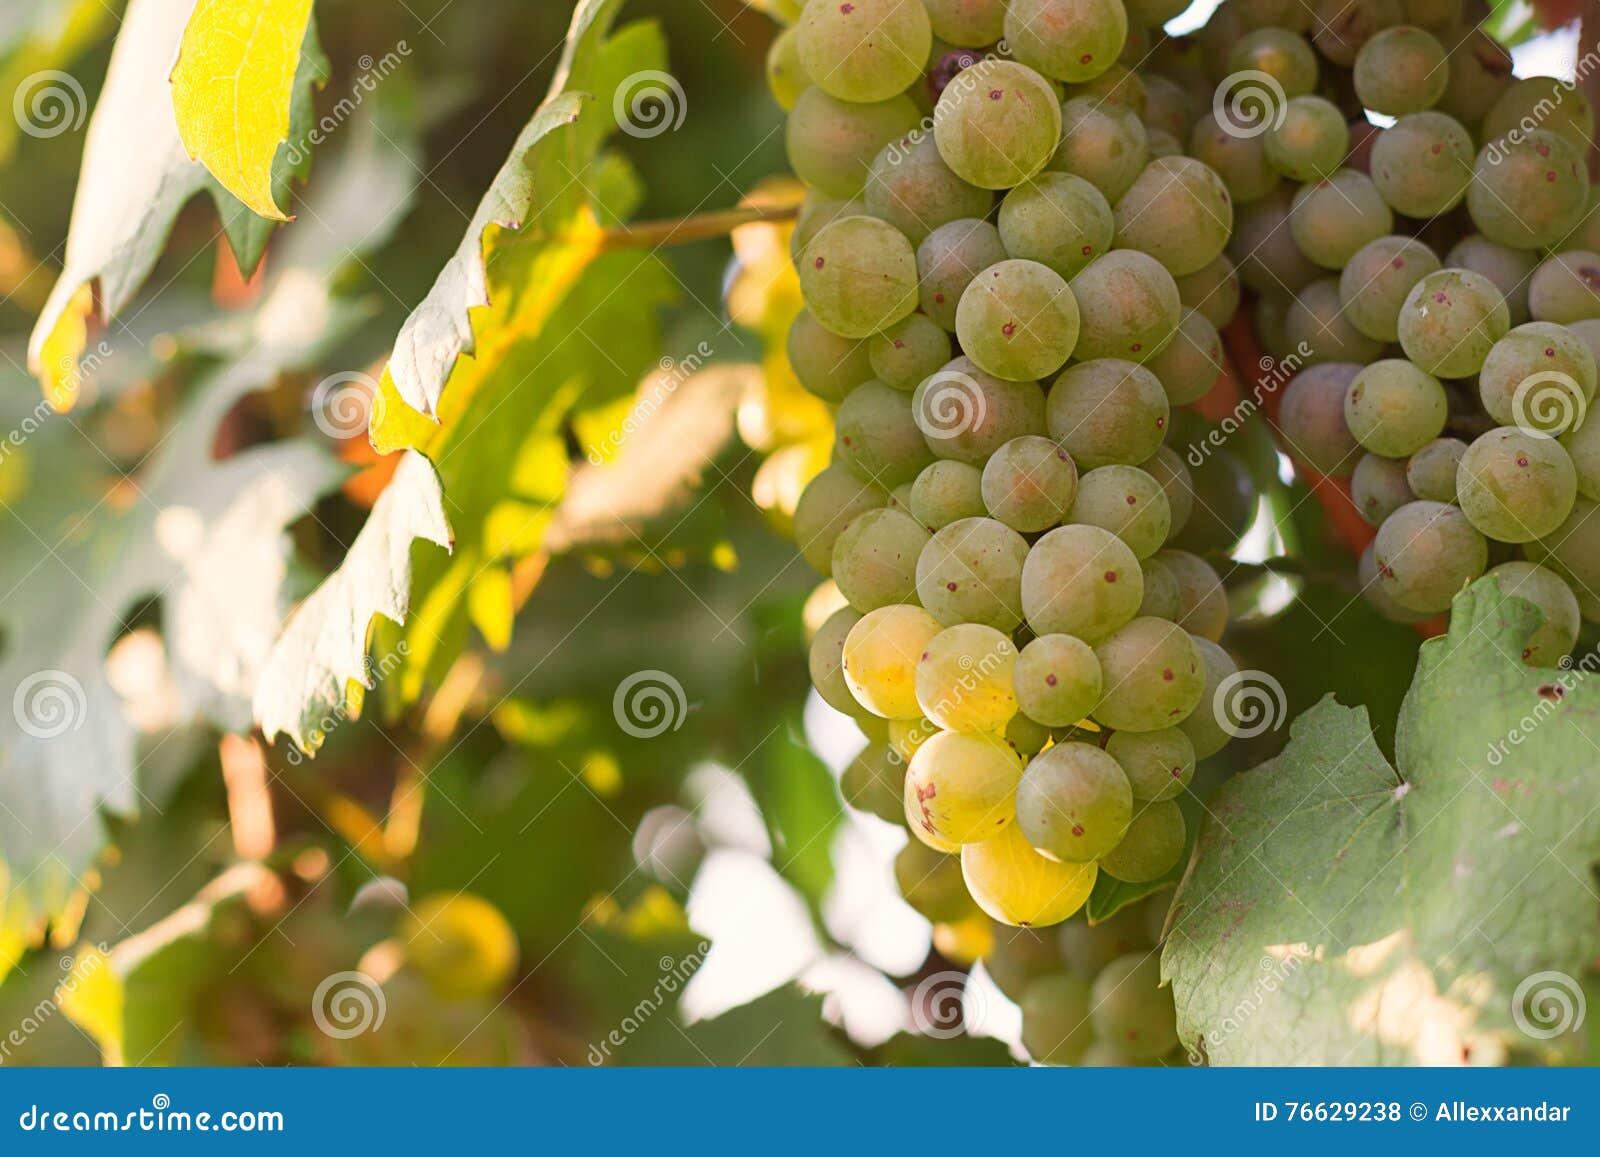 Mazzi di acini d uva verdi che crescono nella vigna Chiuda sulla vista dell acino d uva verde fresco Mazzi di acini d uva verdi c